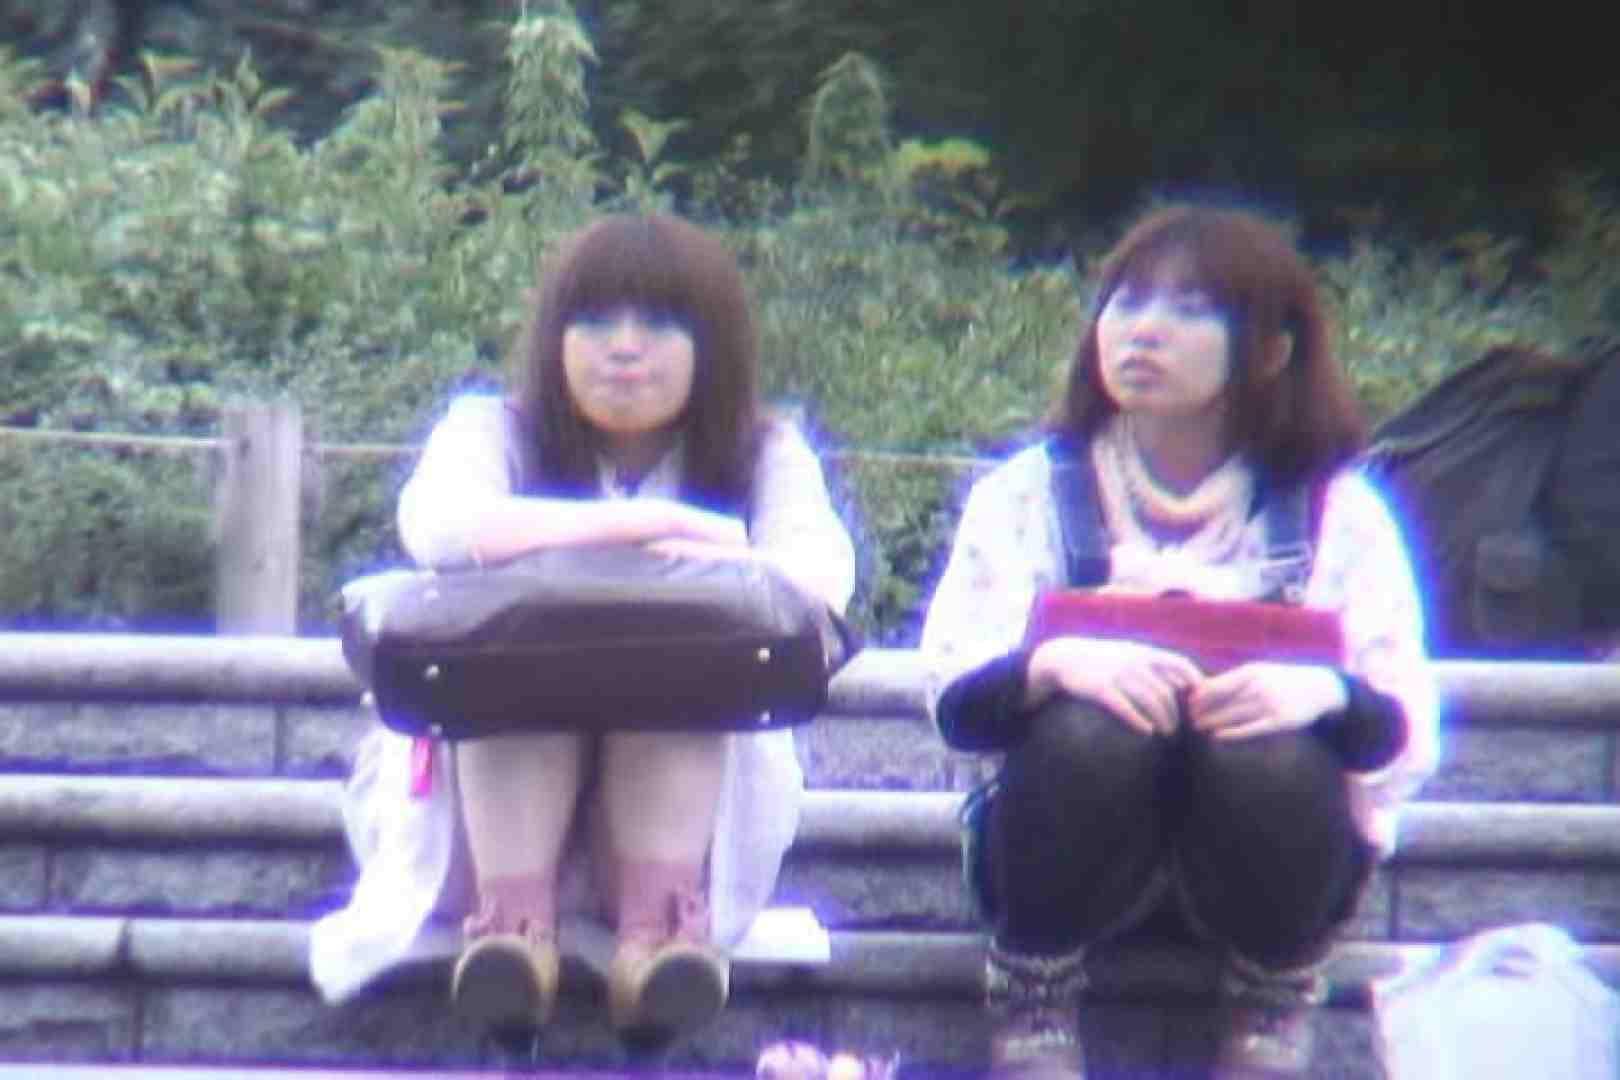 超最新版!春夏秋冬 vol.04 オマタギャル ヌード画像 87連発 19